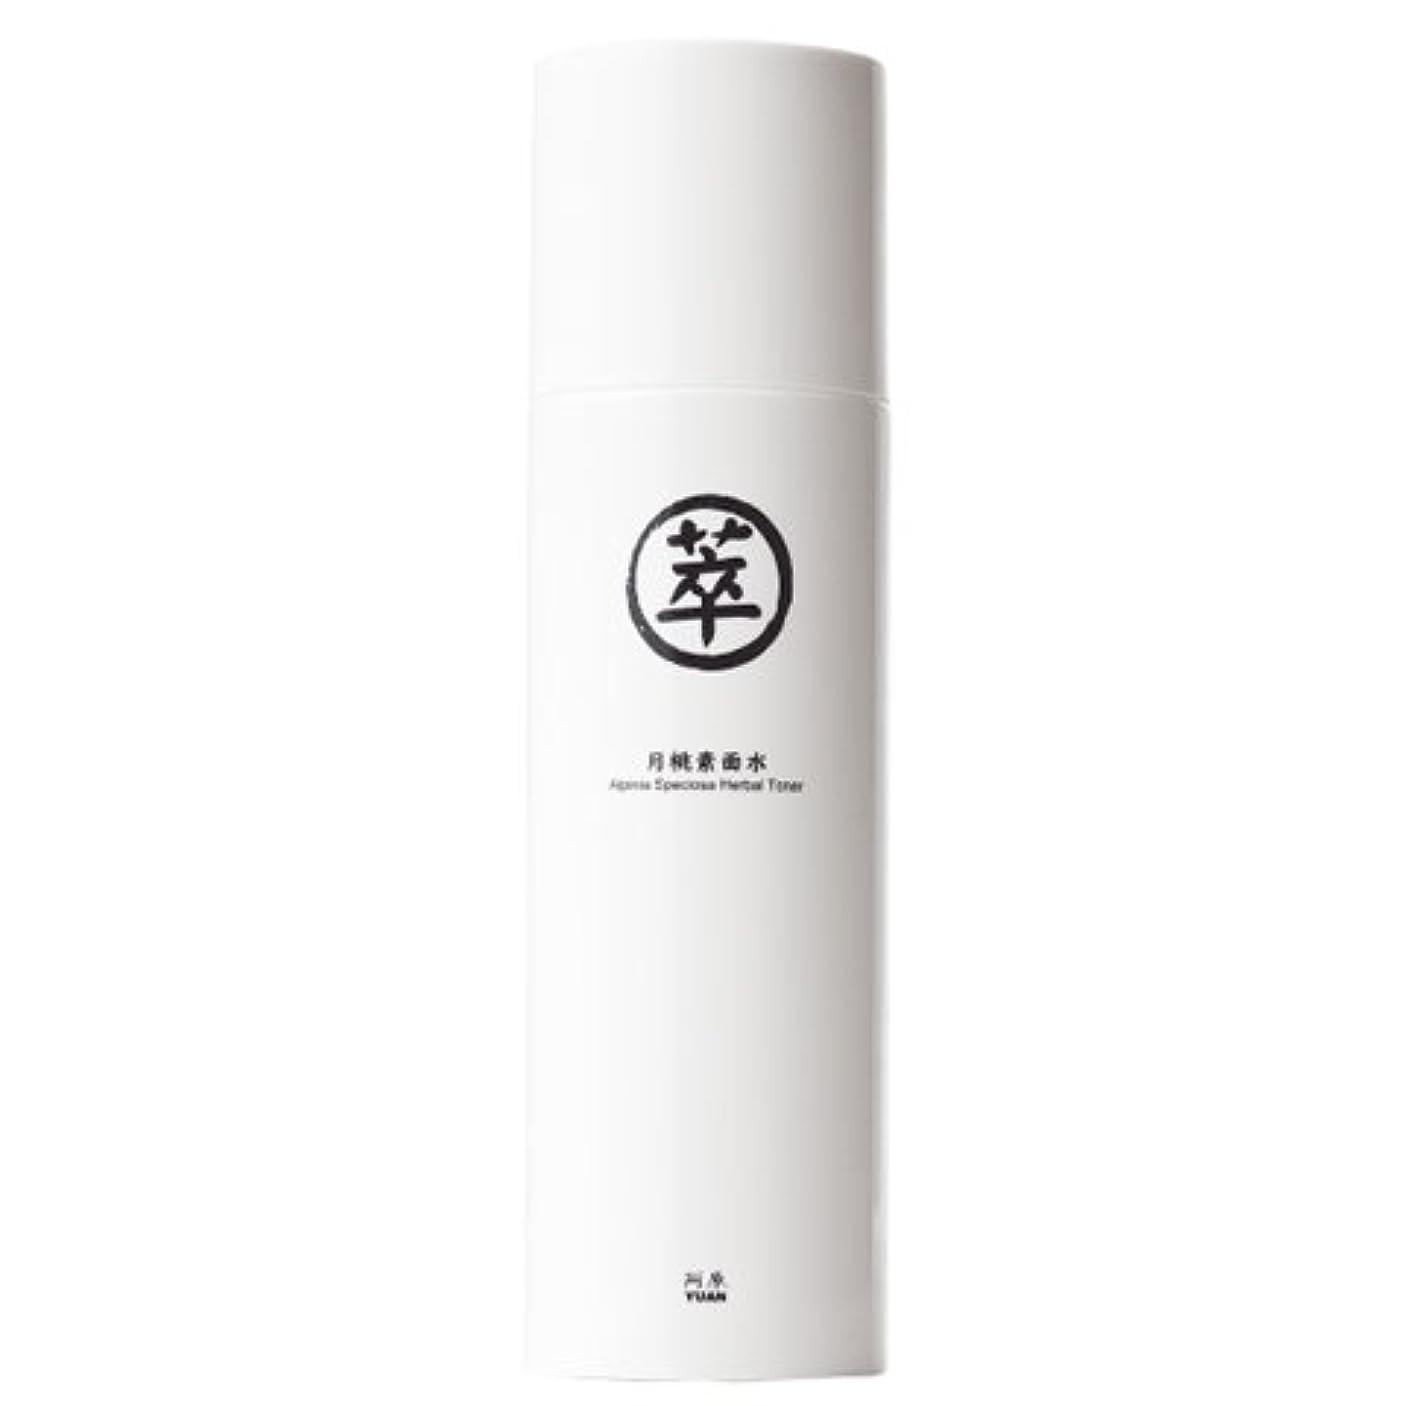 テクニカル人スプーンユアン(YUAN)月桃(ゲットウ)化粧水 150ml(阿原 ユアンソープ)